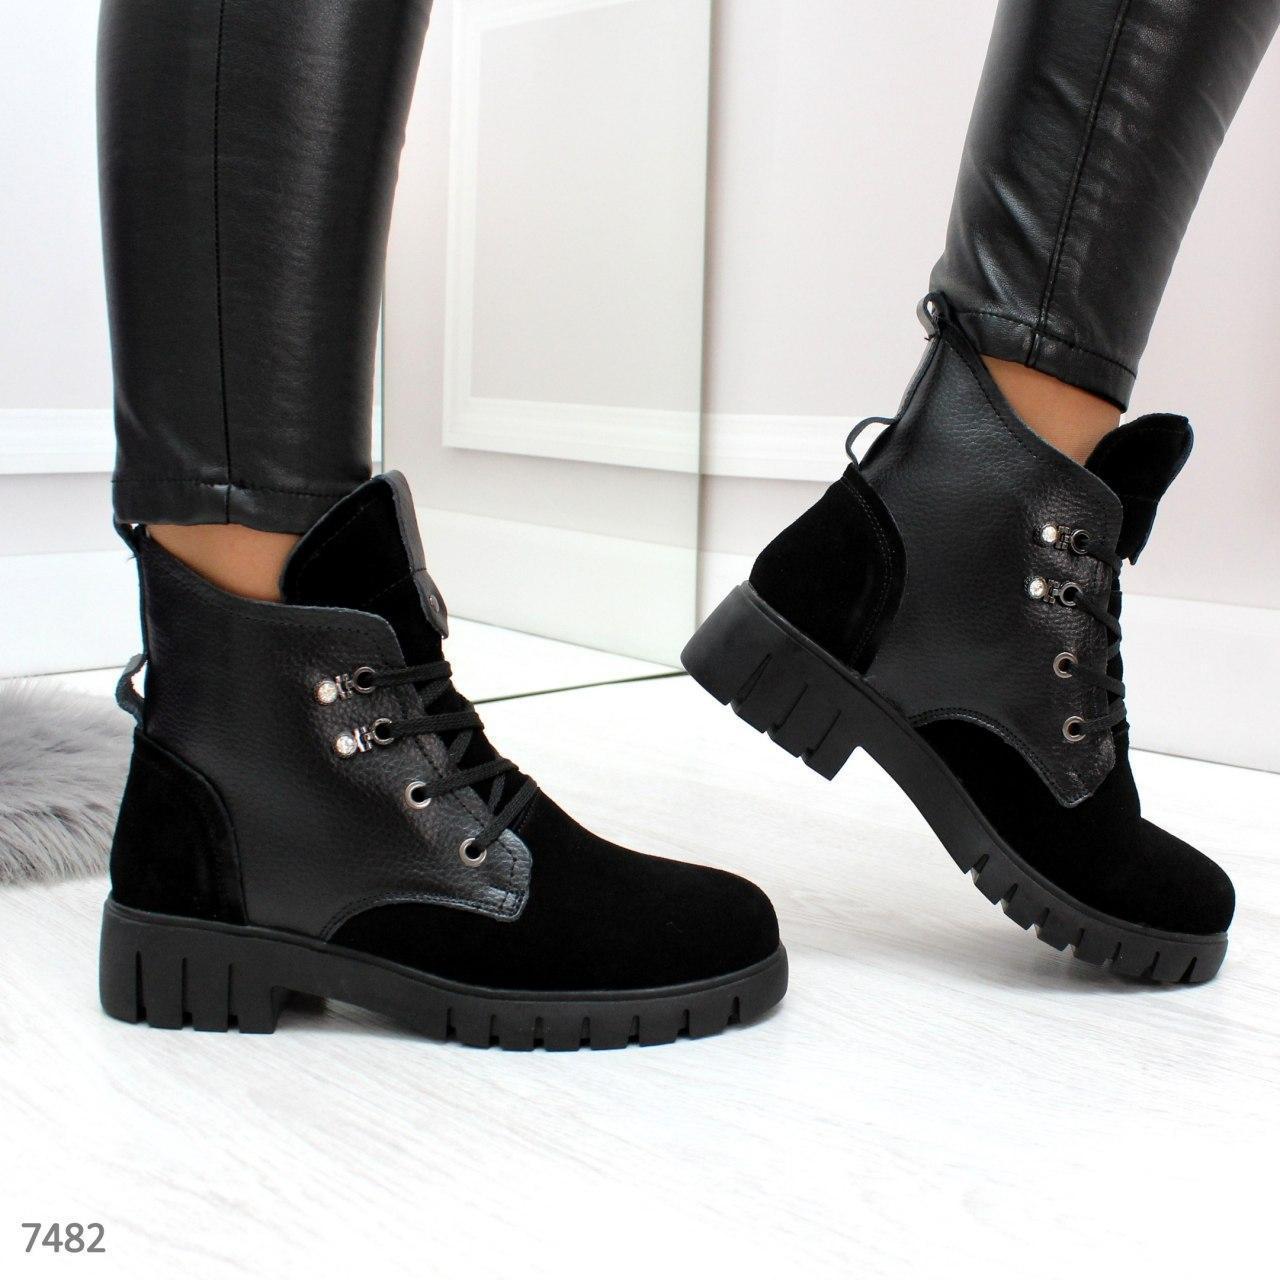 Женские черные ботинки зима из натуральной кожи и замши kap7482